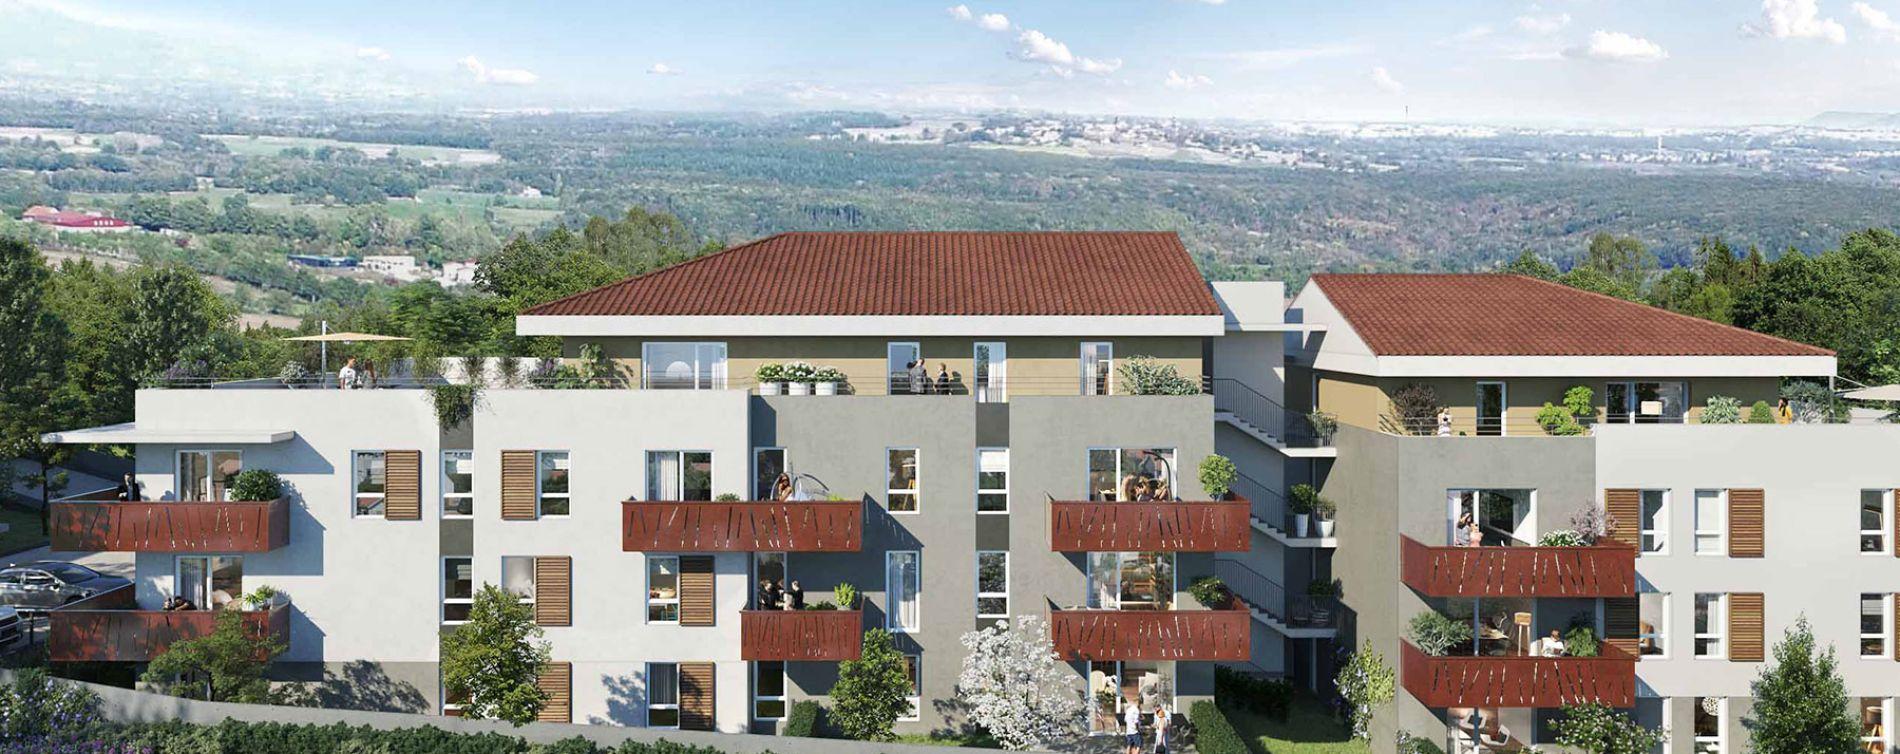 Collonges : programme immobilier neuve « Le Joris » (2)